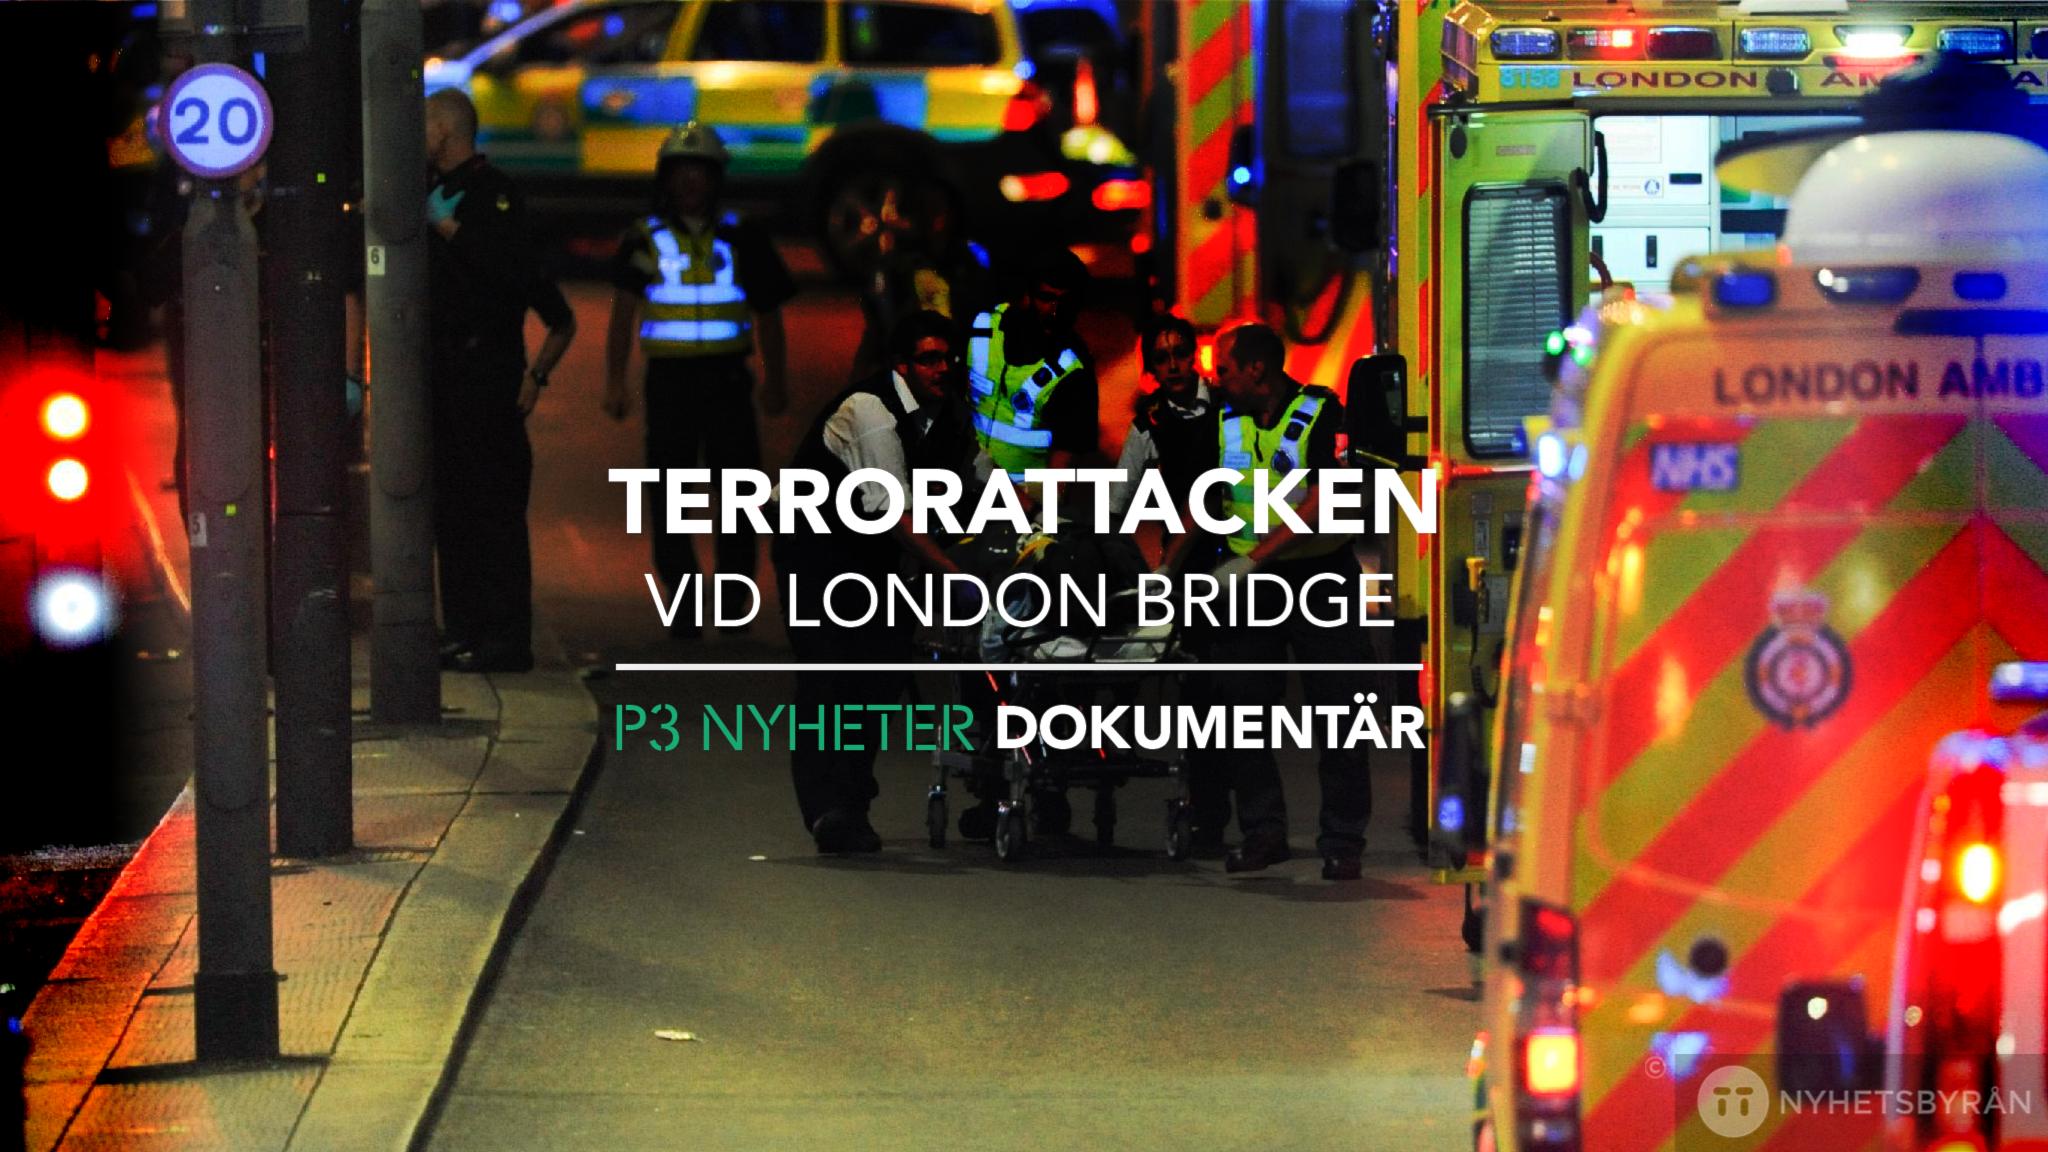 Terrorattacken vid London Bridge - P3 Nyheter Dokumentär